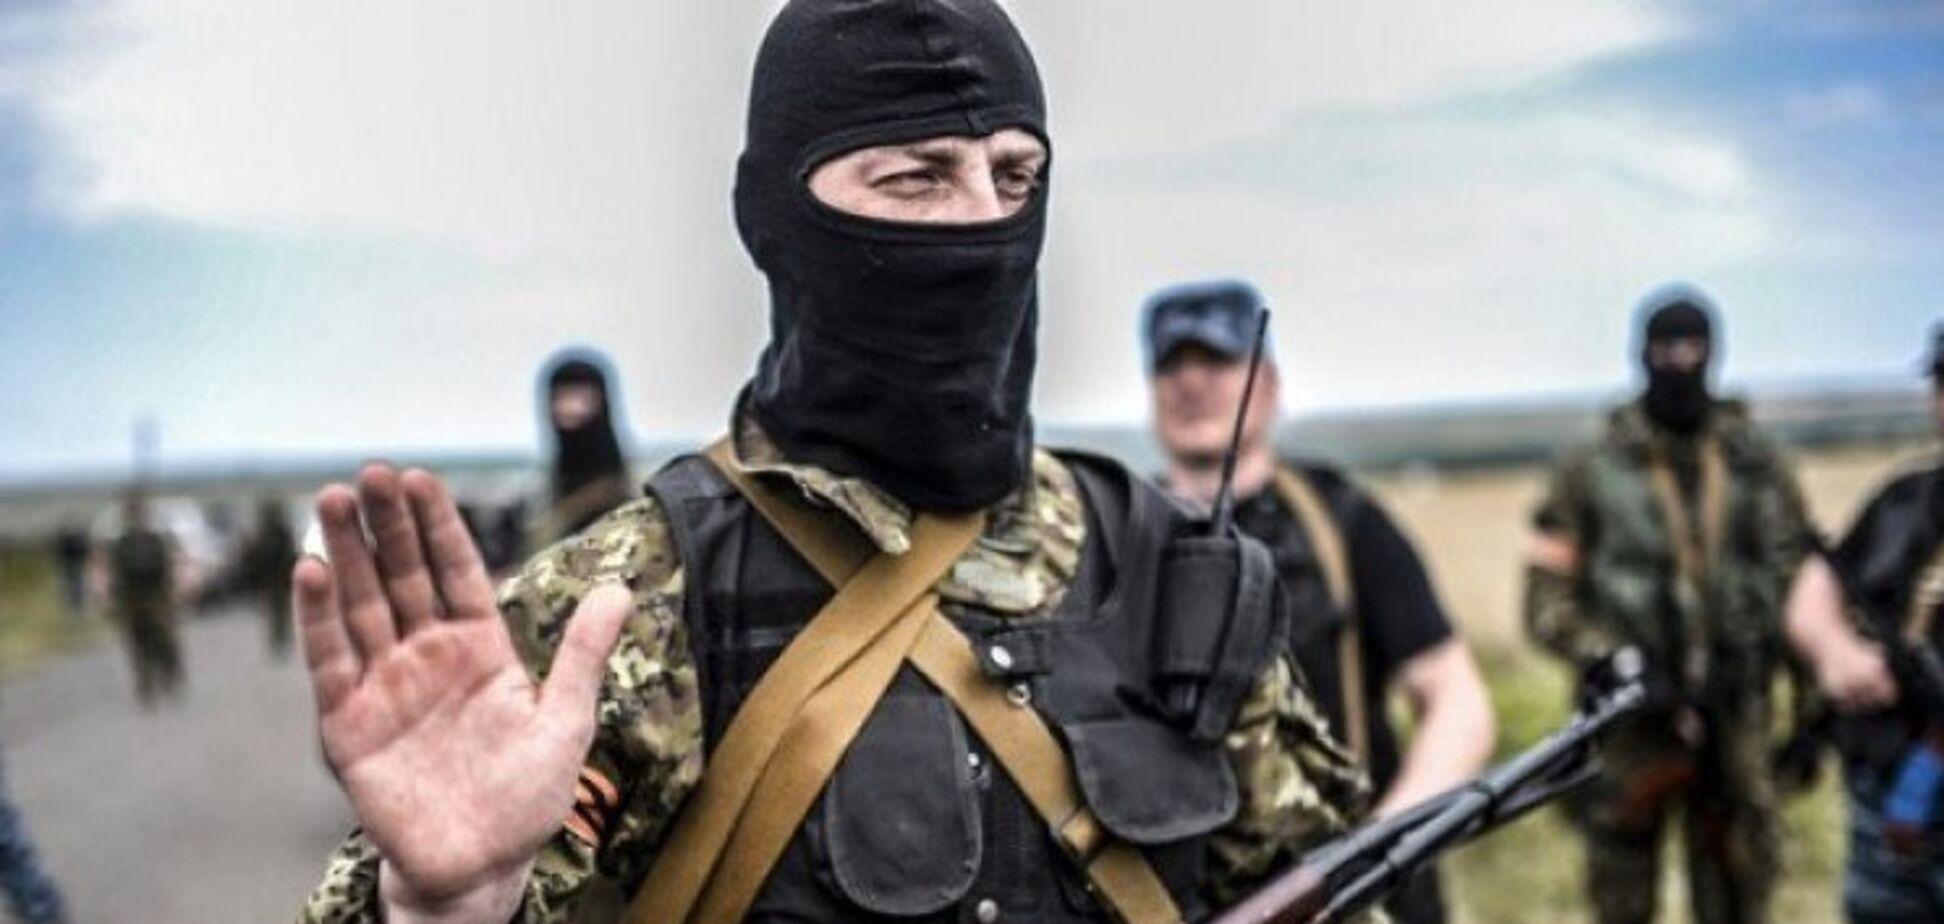 Обмін в'язнями: названі імена зрадників України, яких віддадуть Росії